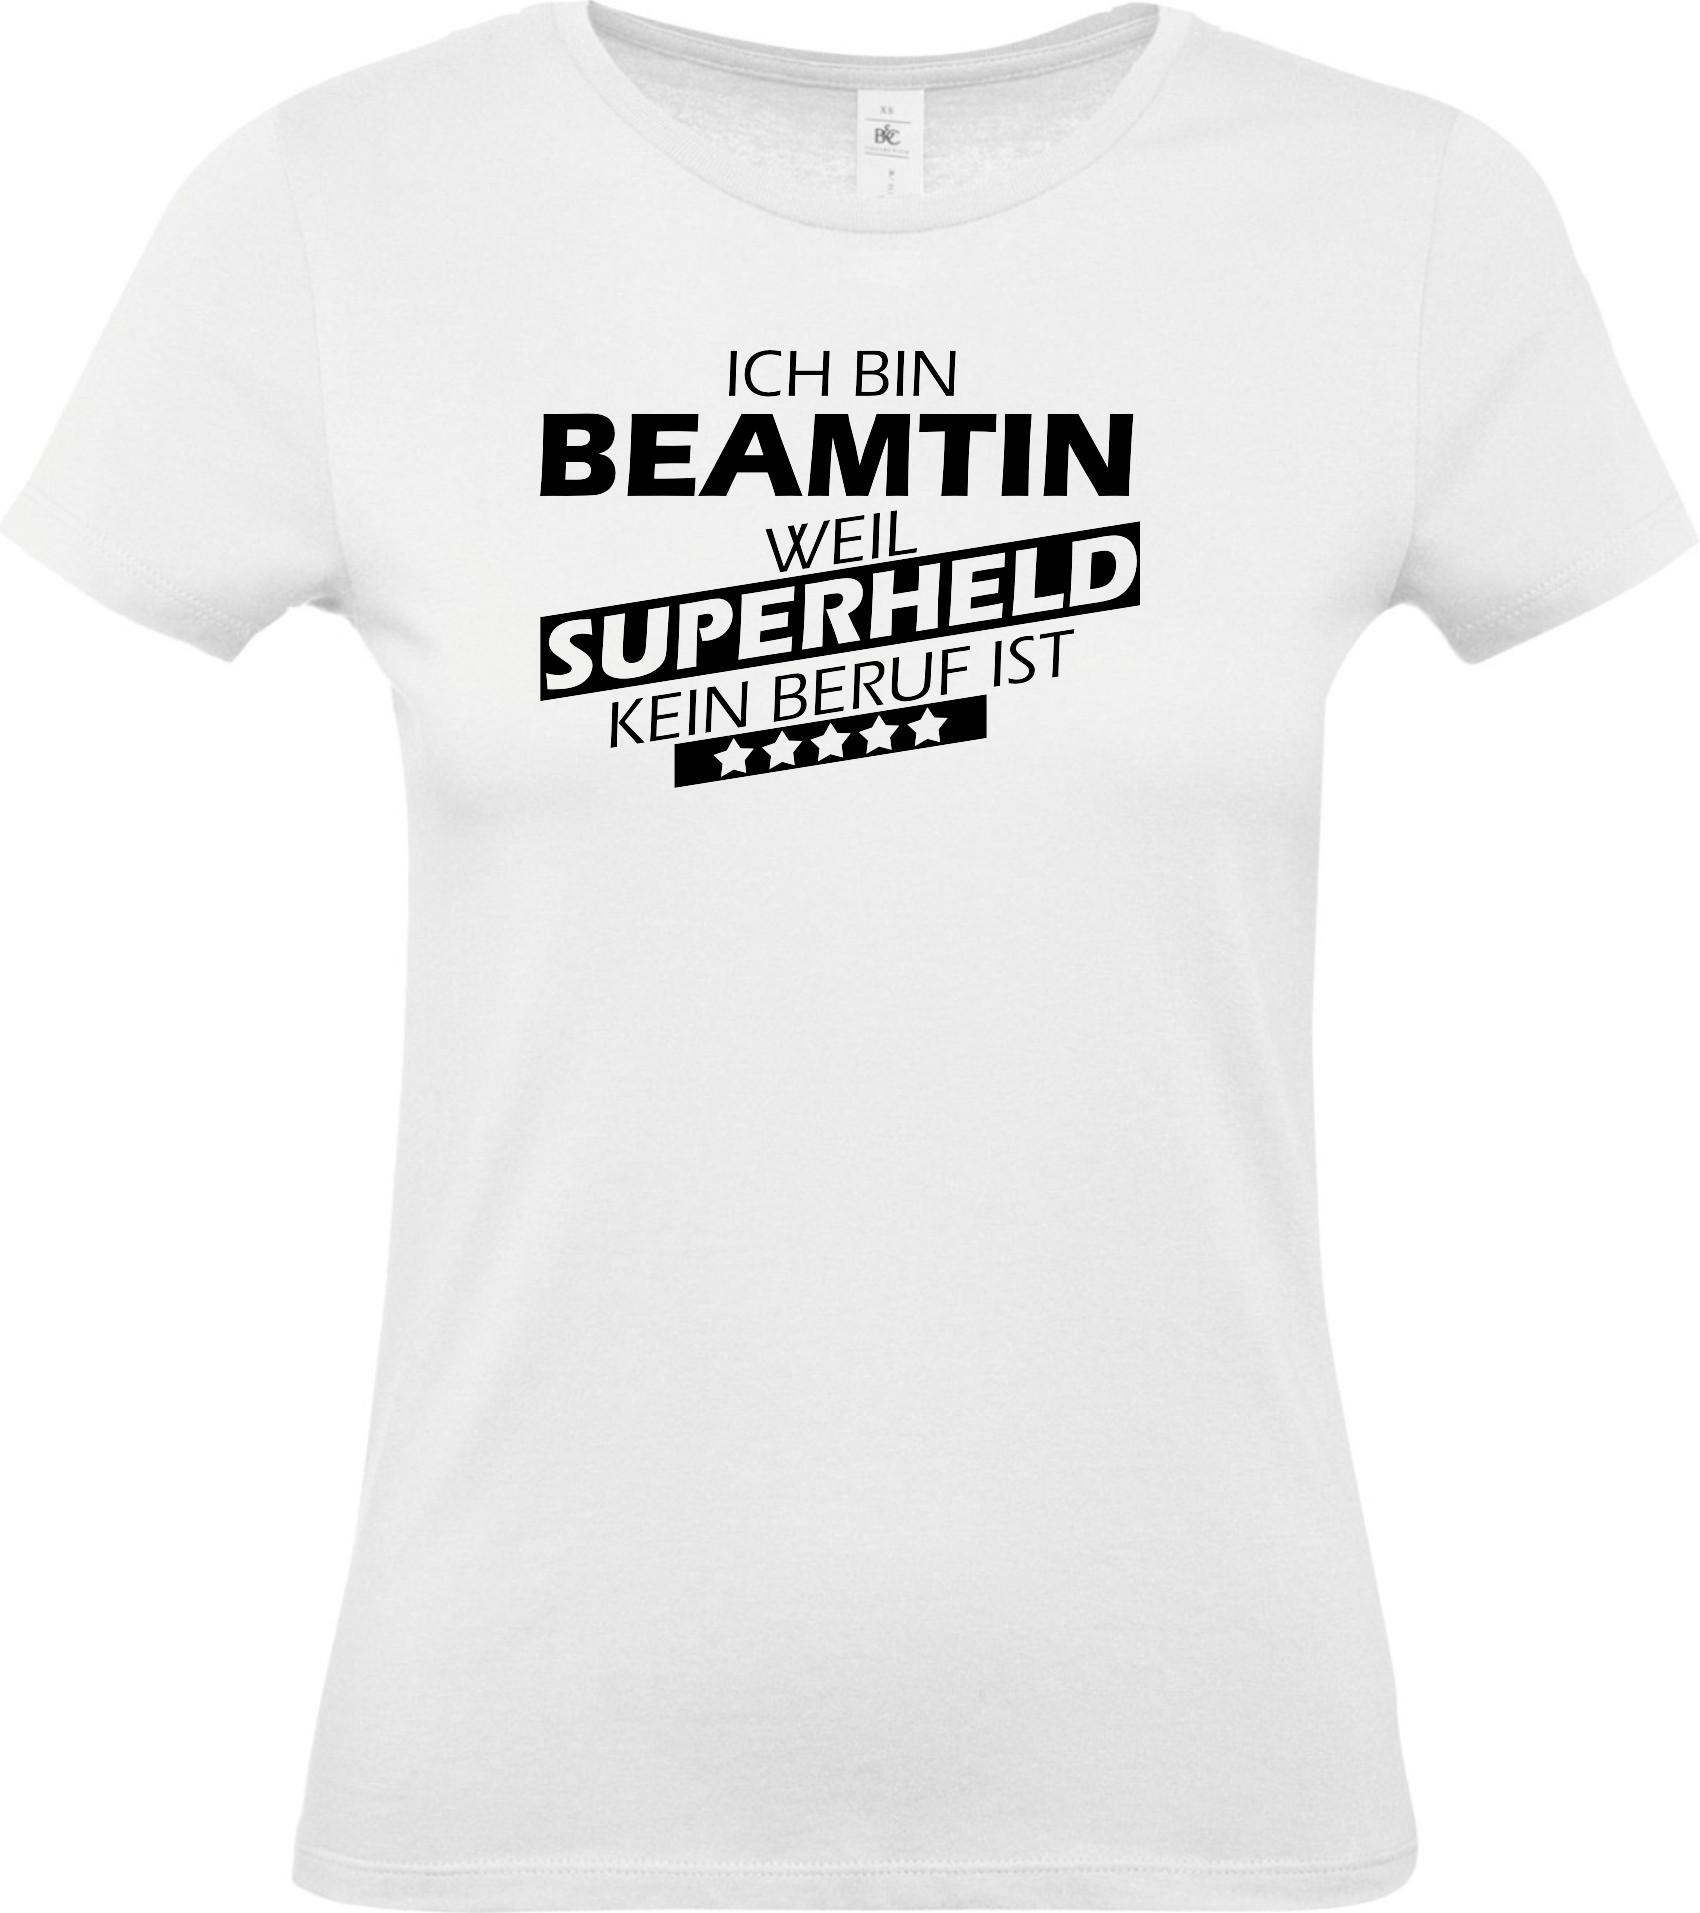 Lady-T-Shirt-Ich-bin-Beamtin-weil-Superheld-kein-Beruf-ist